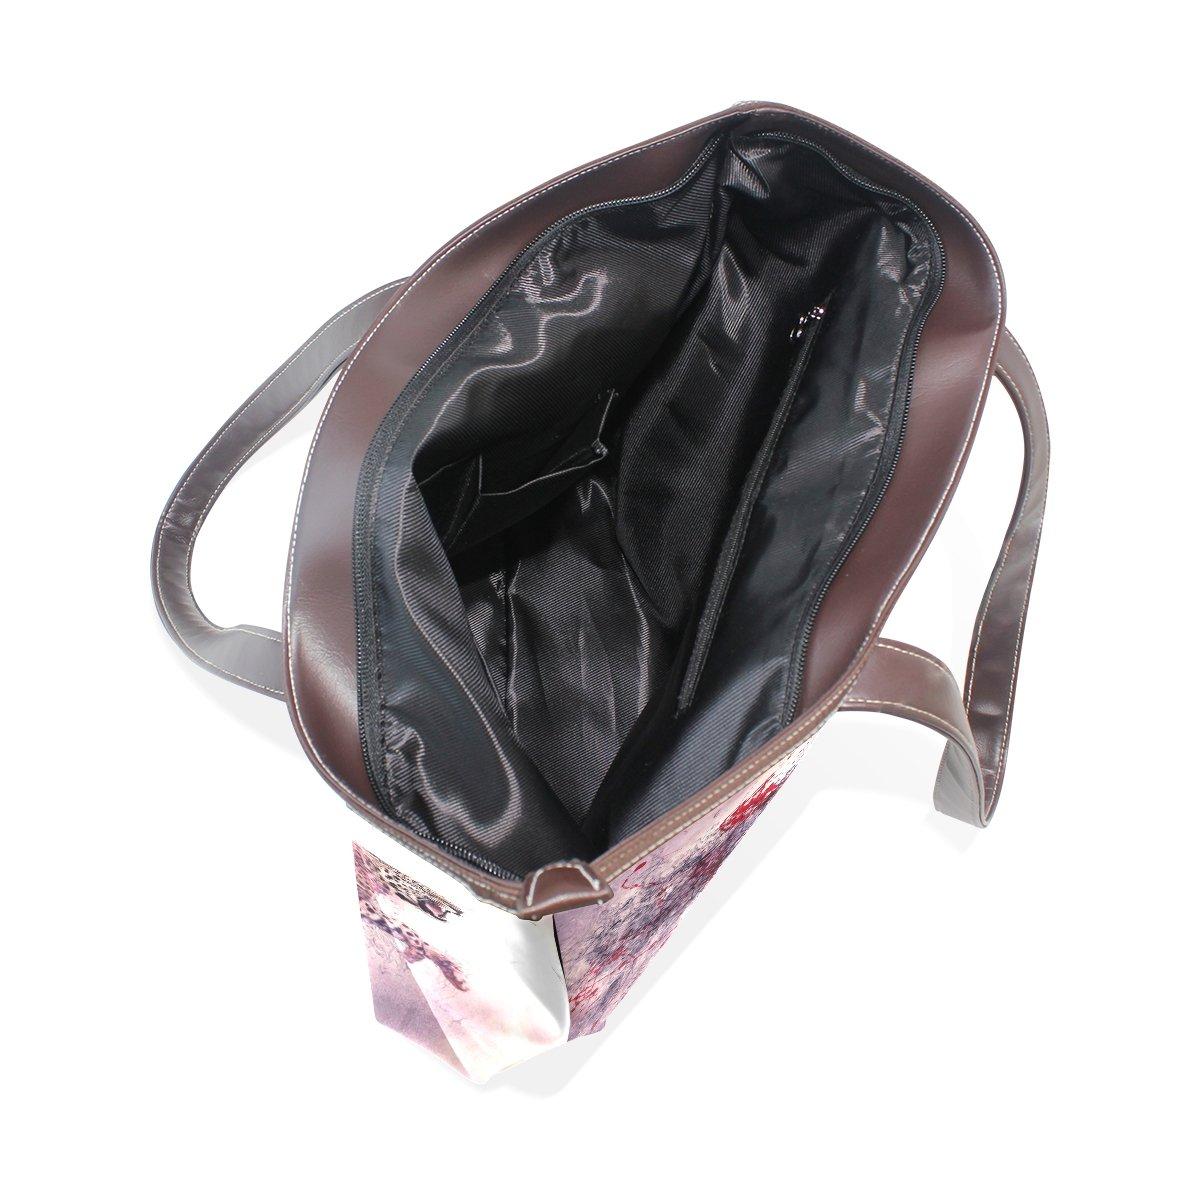 Bloody Leopard Lady Handbag Tote Bag Zipper Shoulder Bag for Shopping Travel